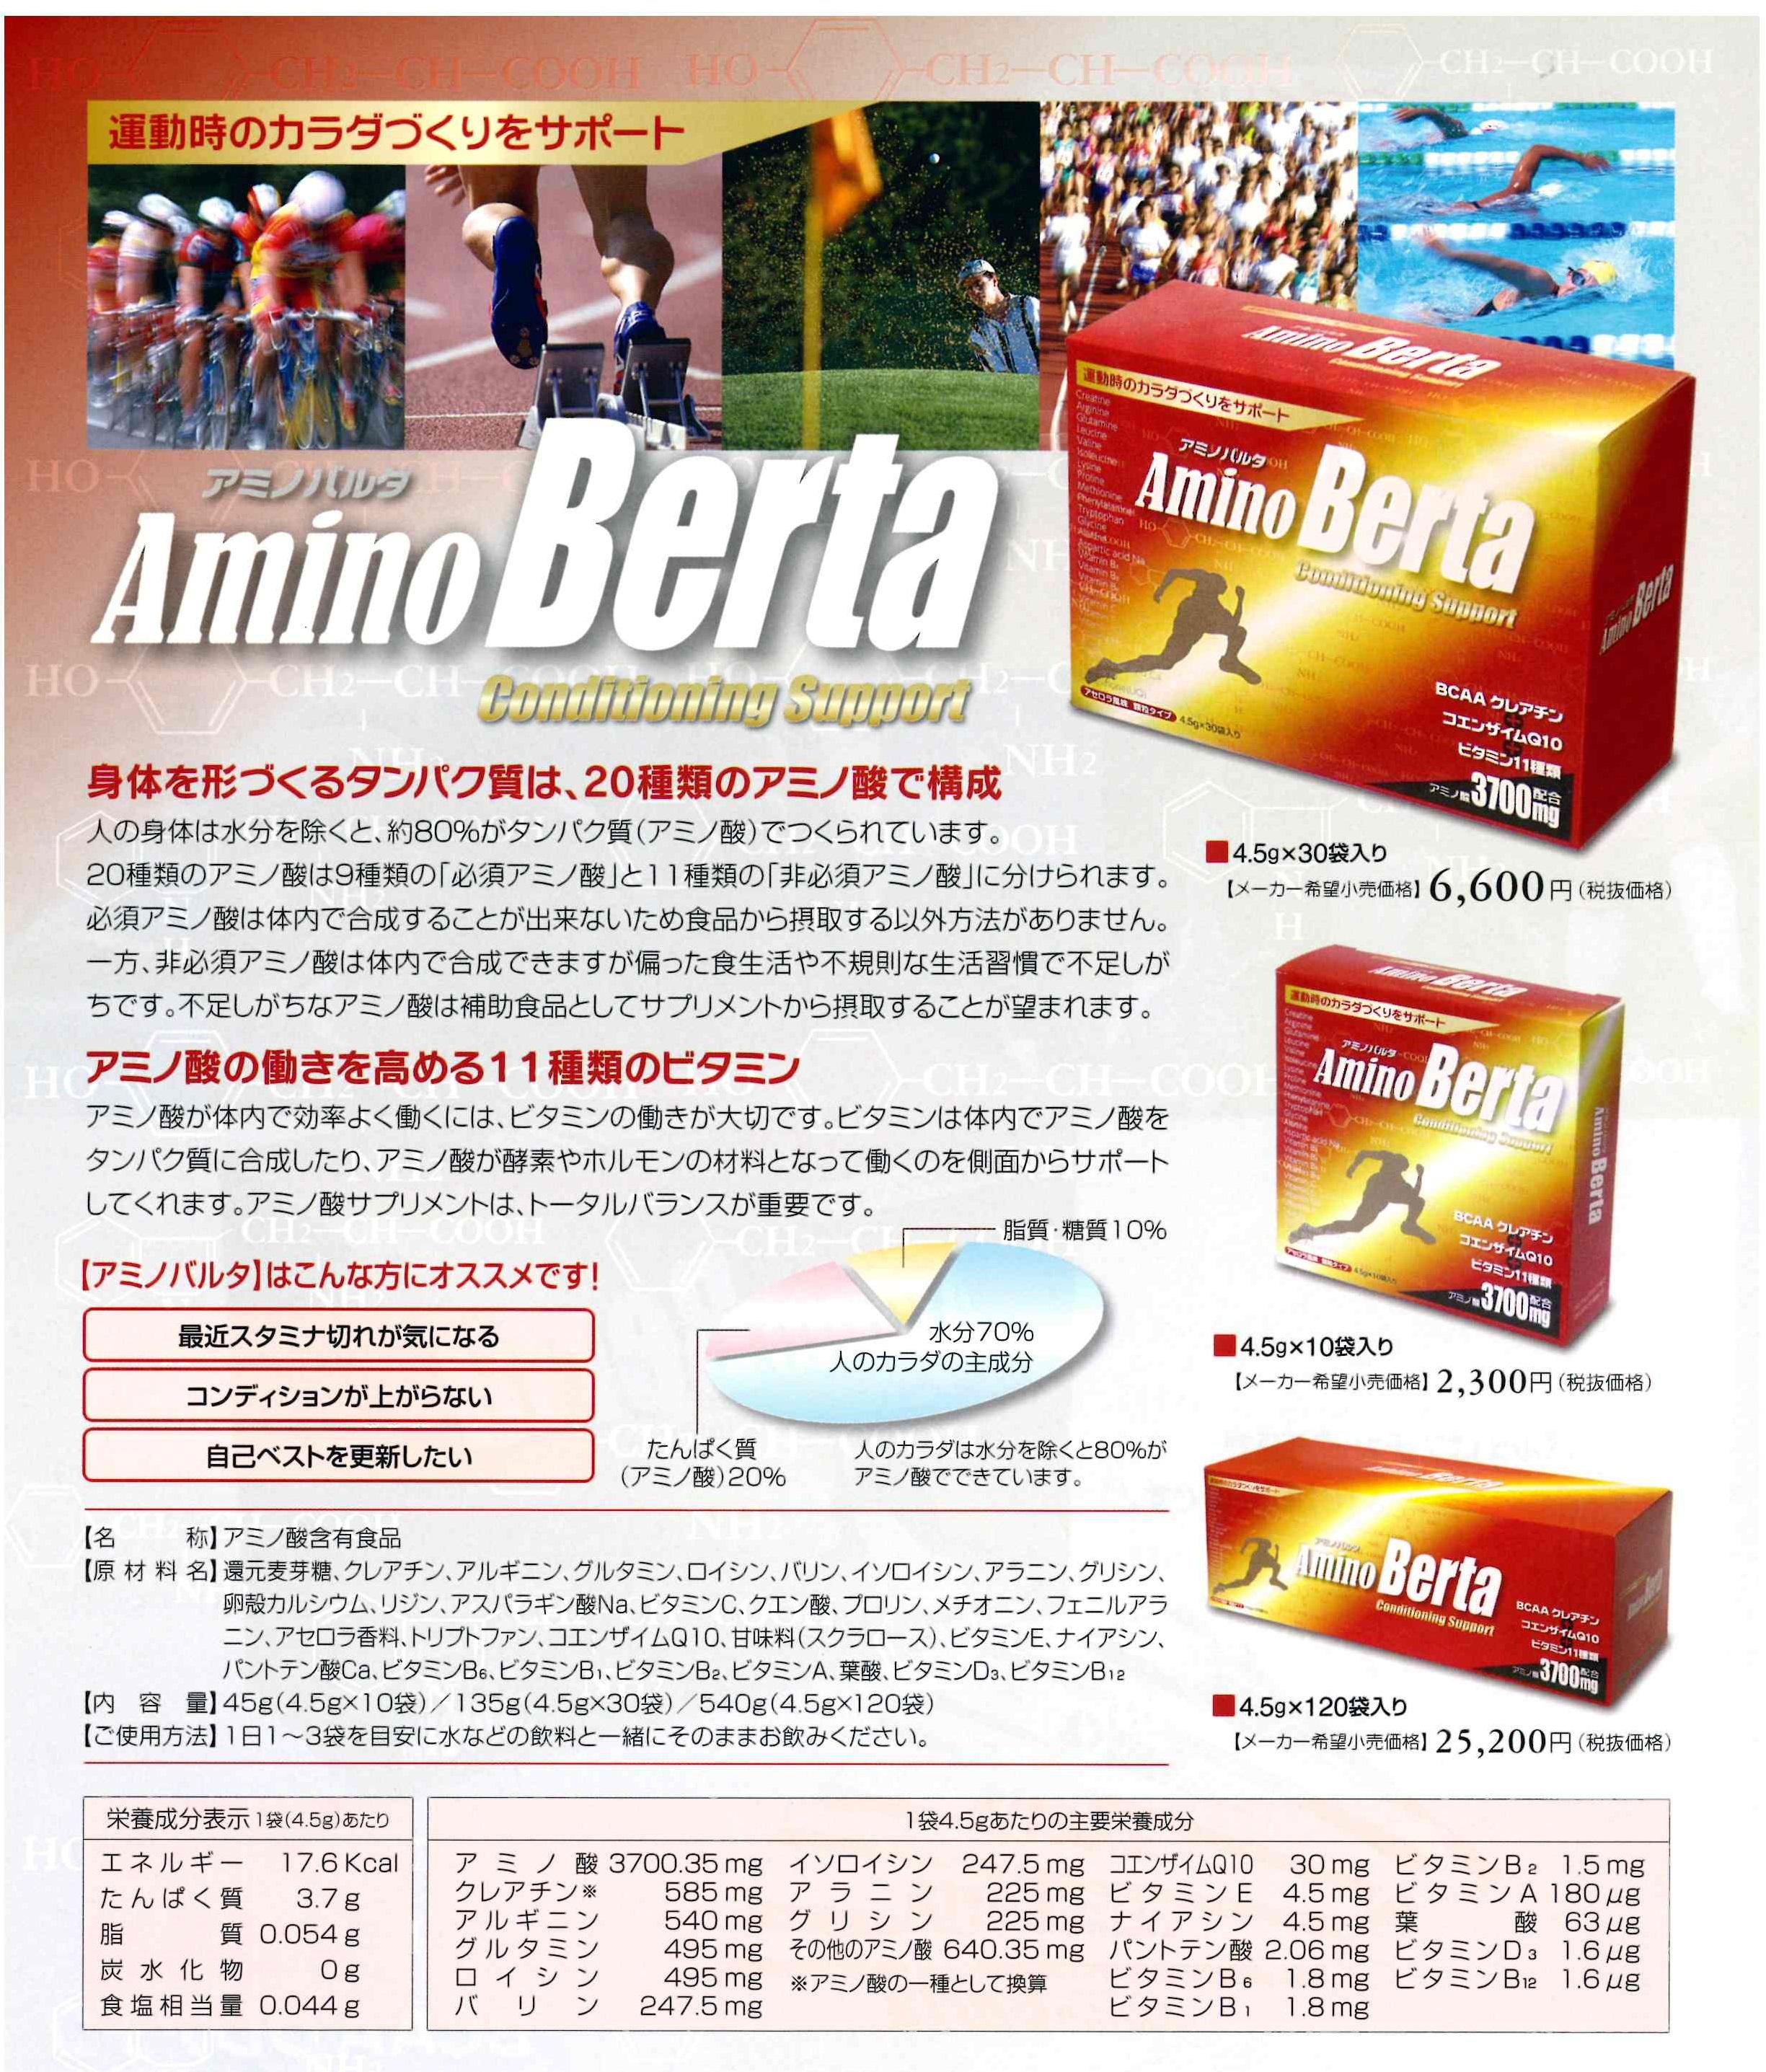 アミノ酸サプリが運動や筋肉に働きかけるアミノバルタ